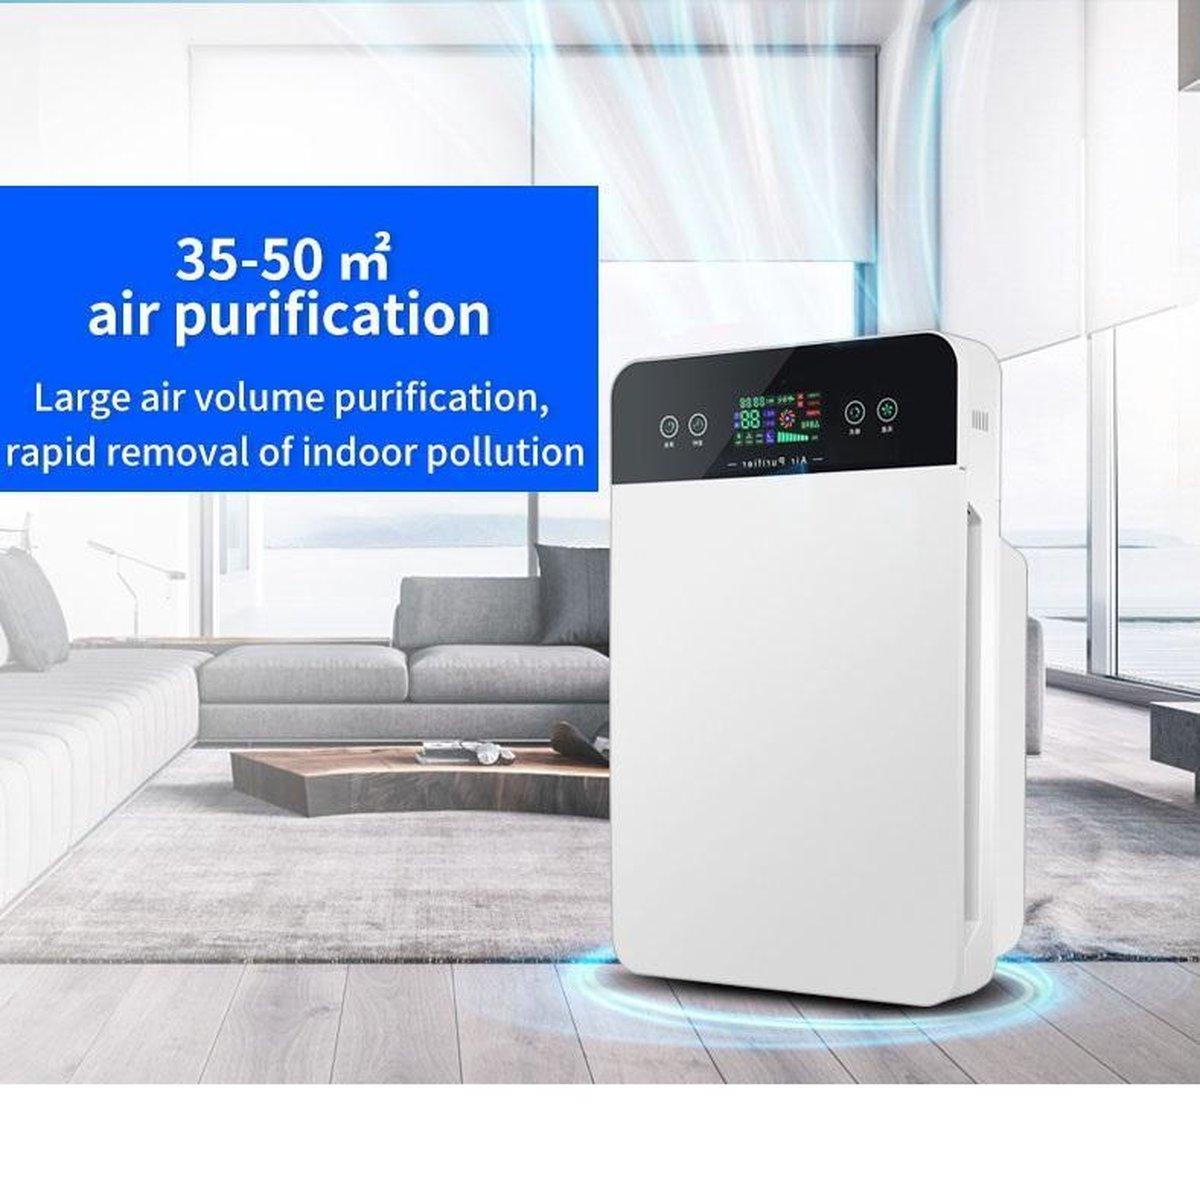 Pro-Care Luchtreiniger PM2.5, HEPA, ION 5 lagen filter, Wit 280m3h Intelligent Touch LCD bediening met afstandsbediening